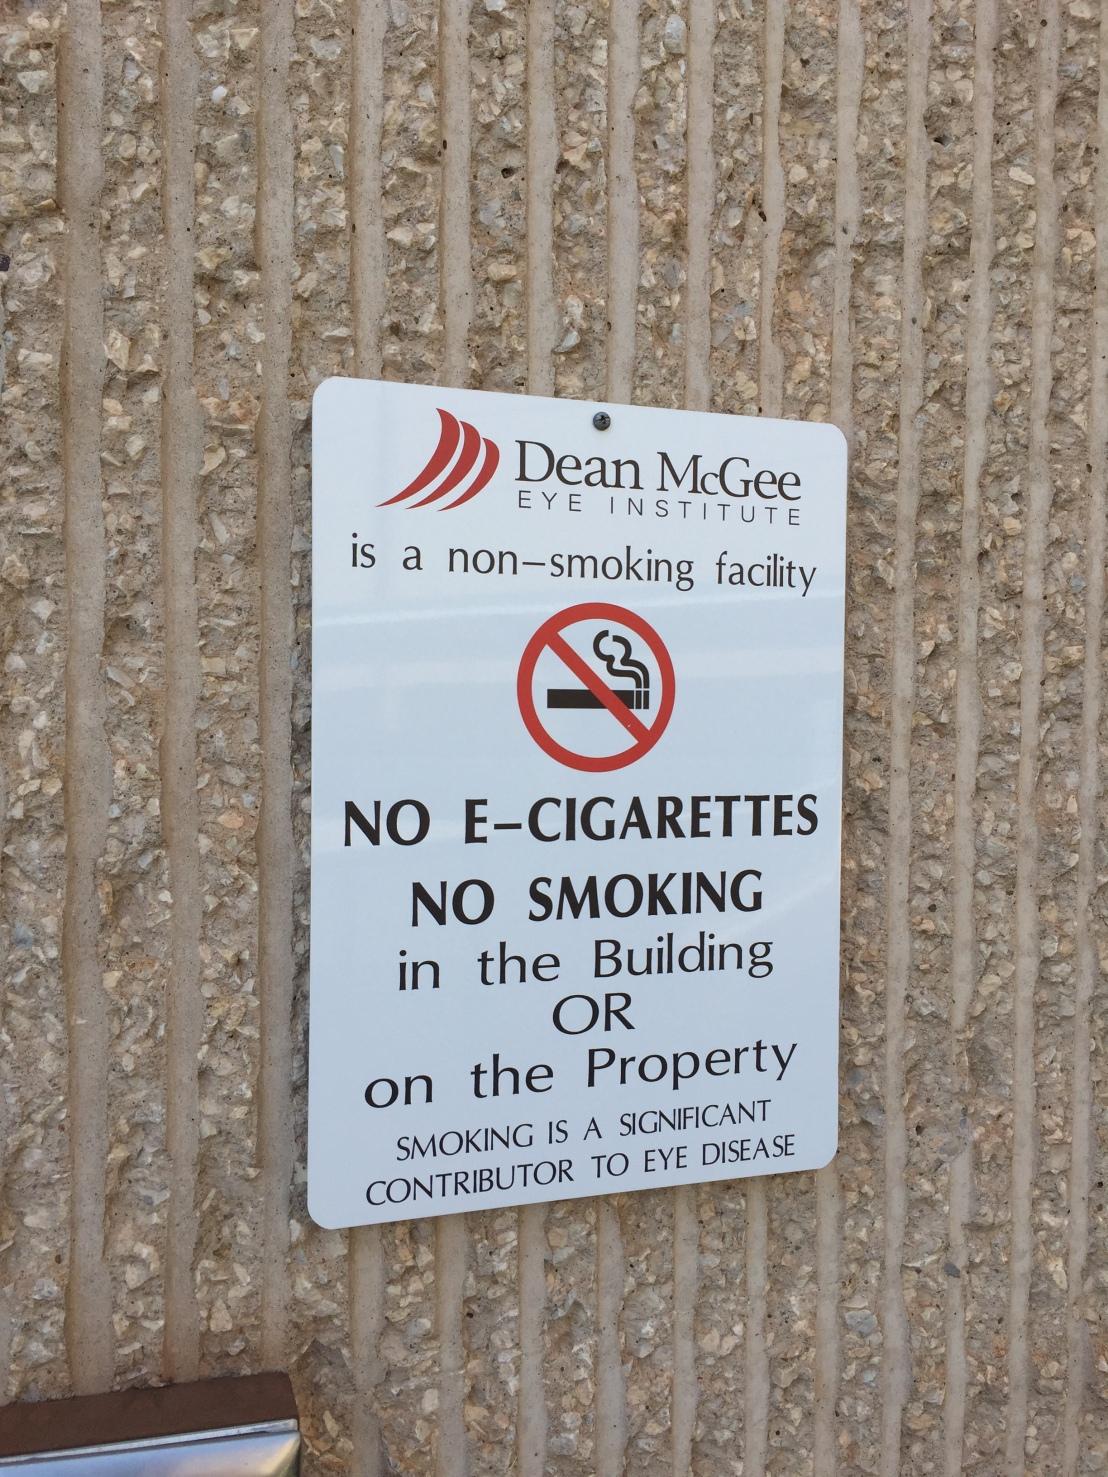 No smoking sign, says smoking contributes to eye disease